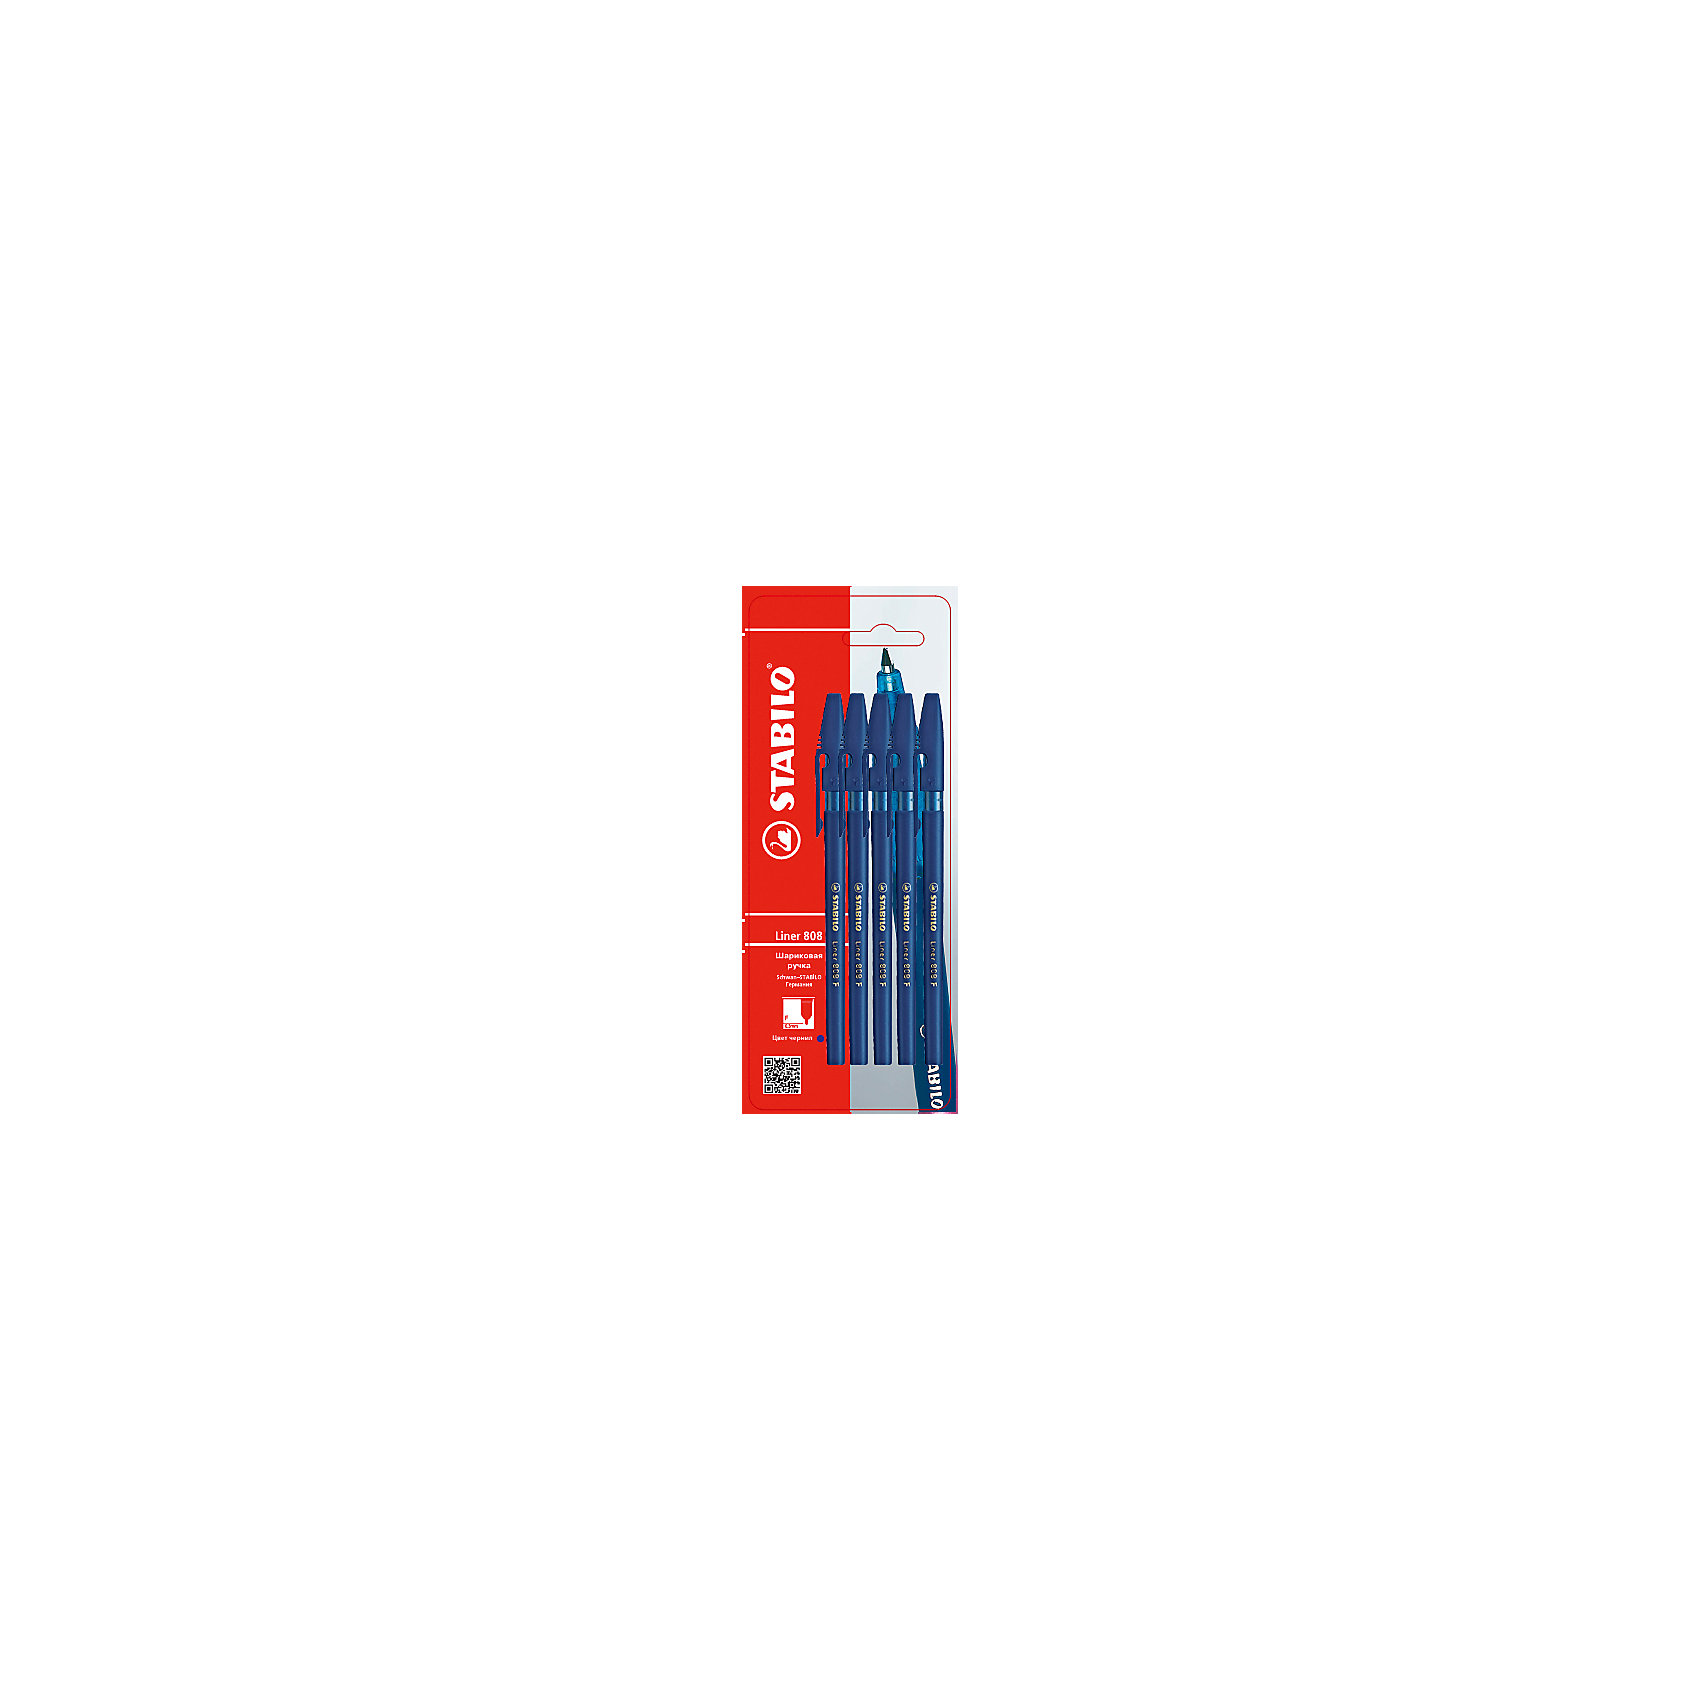 Набор ручек, 5 шт., синиеПисьменные принадлежности<br>Набор ручек, 5 шт., синий от марки Stabilo<br><br>Удобные немецкие ручки от компании Stabilo в прозрачном корпусе. Пишущий инструмент отличного качества! Шариковая ручка имеет заменяемый стержень и надежный клип.<br>Отлично ложится в руке, пишет мягко. Дает аккуратную тонкую линию. Чернил хватает на долгое время! Чернила быстро сохнут. В наборе - пять одинаковых ручек в прозрачном корпусе.<br><br>Особенности данной модели:<br><br>ширина оставляемого следа: 0,3 мм;<br>цвет чернил: синий;<br>цвет корпуса: прозрачный.<br><br>Набор ручек, 5 шт., синий от марки Stabilo можно купить в нашем магазине.<br><br>Ширина мм: 204<br>Глубина мм: 80<br>Высота мм: 10<br>Вес г: 13<br>Возраст от месяцев: 36<br>Возраст до месяцев: 2147483647<br>Пол: Унисекс<br>Возраст: Детский<br>SKU: 4684731